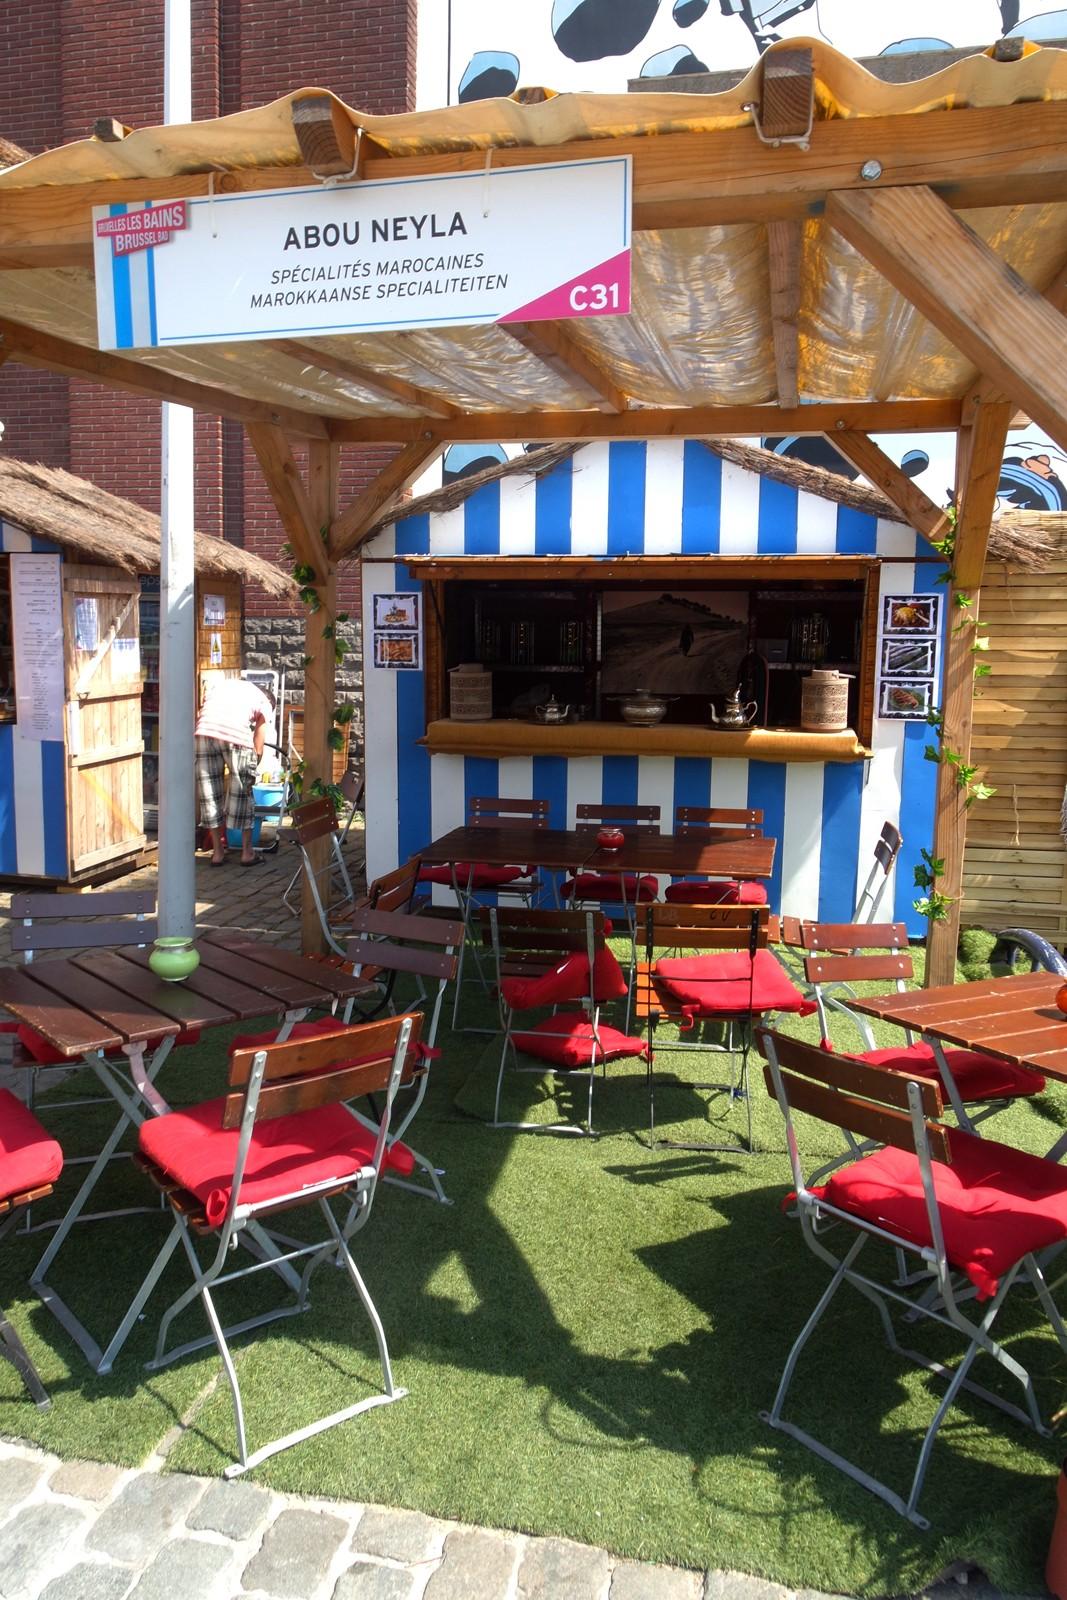 Bruxelles les bains - Brussel Bad cabane spécialités marocaines abou neyla street food quai des péniches plage en ville photo by usofparis